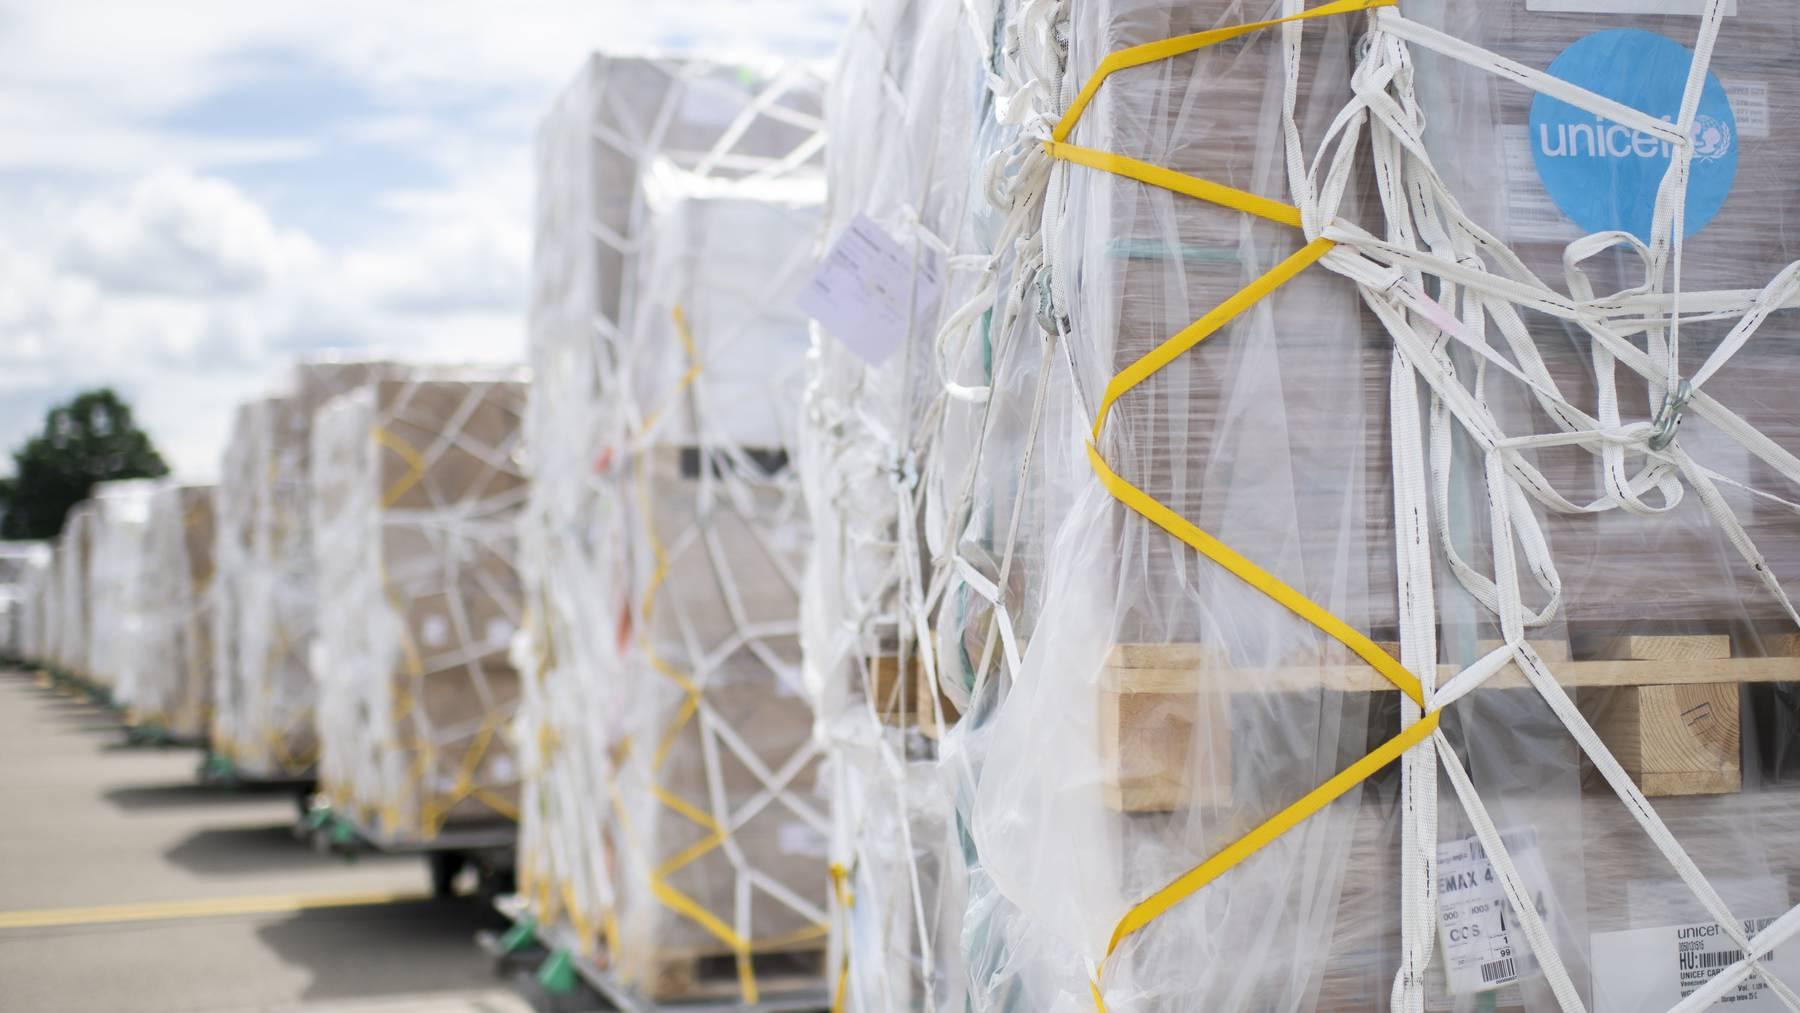 Die Hilfsgüter sollen über einer Million Menschen in Venezuela zugute kommen.